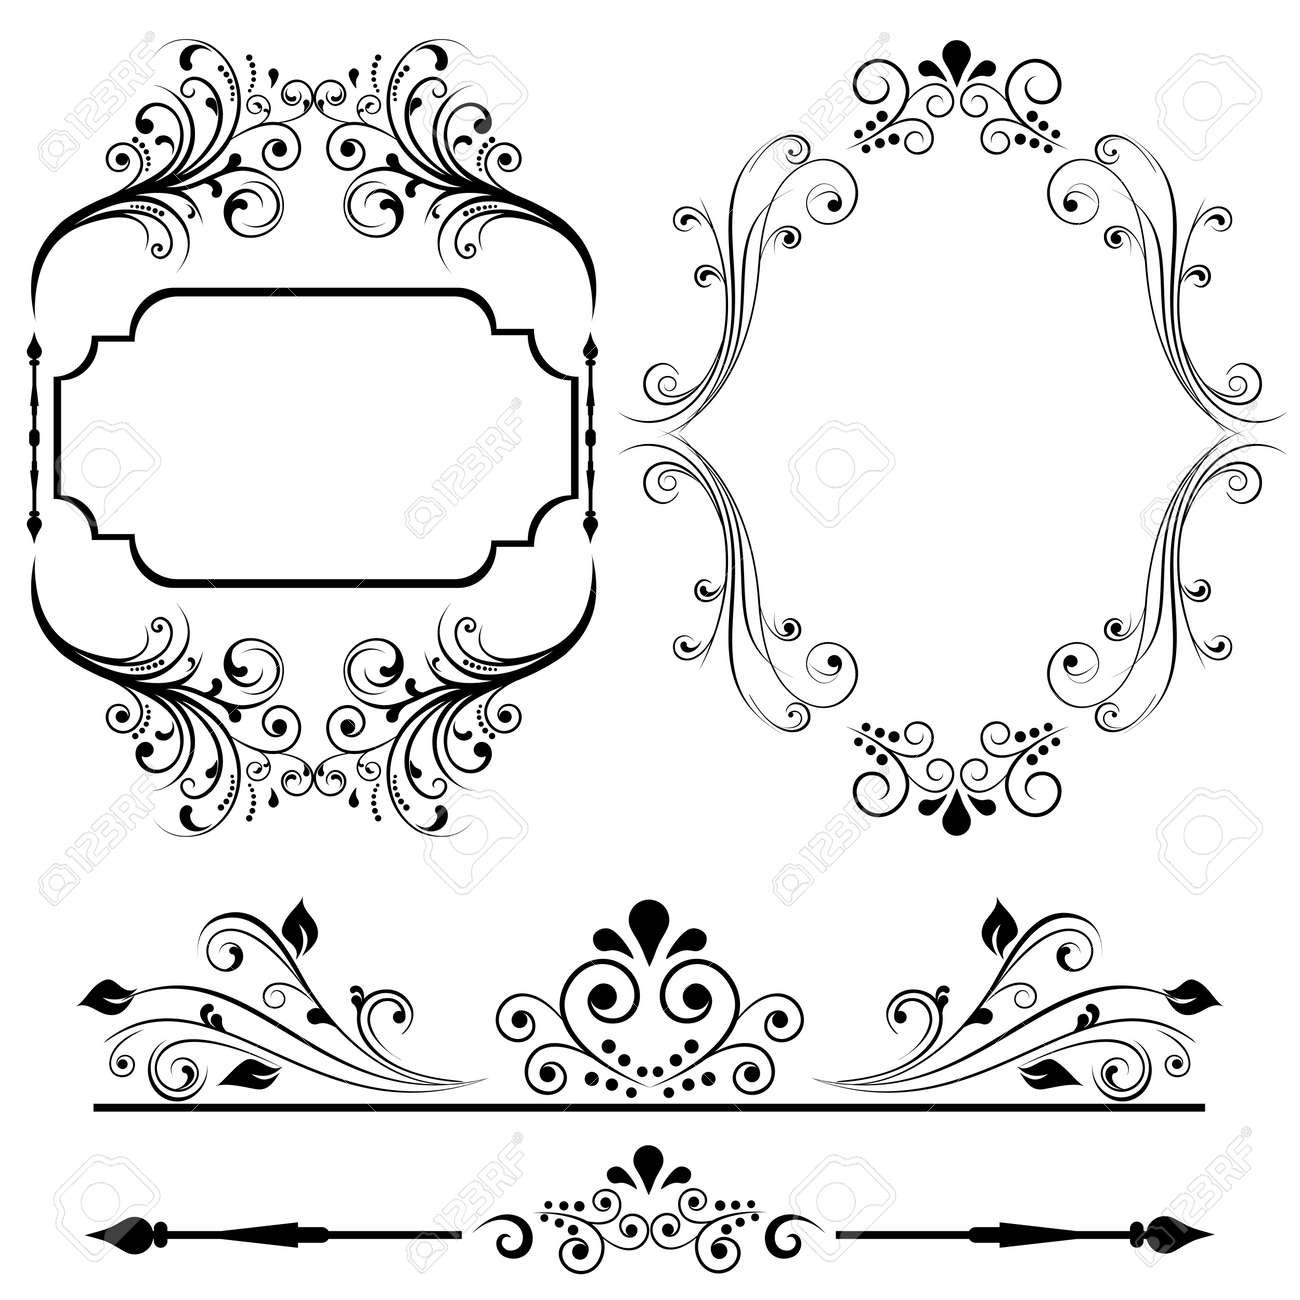 Grenz-und Rahmenkonstruktionen Für Karten Oder Einladungen ...